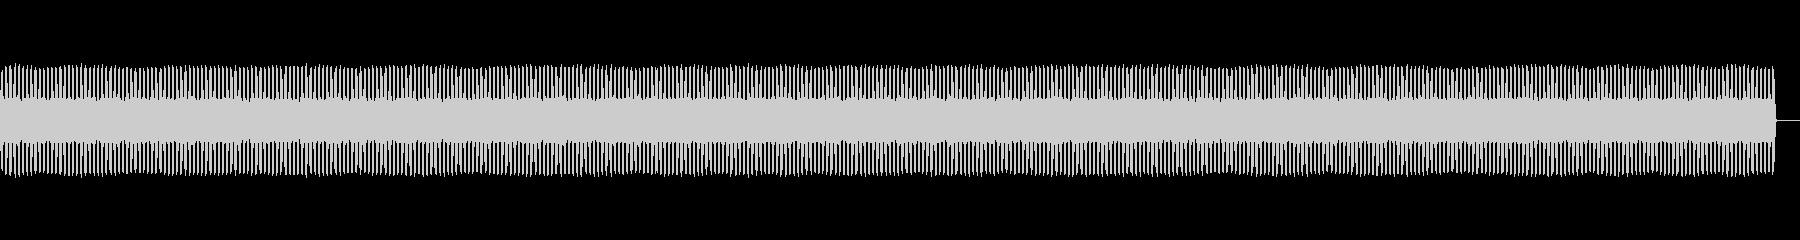 防犯ブザーの音の未再生の波形